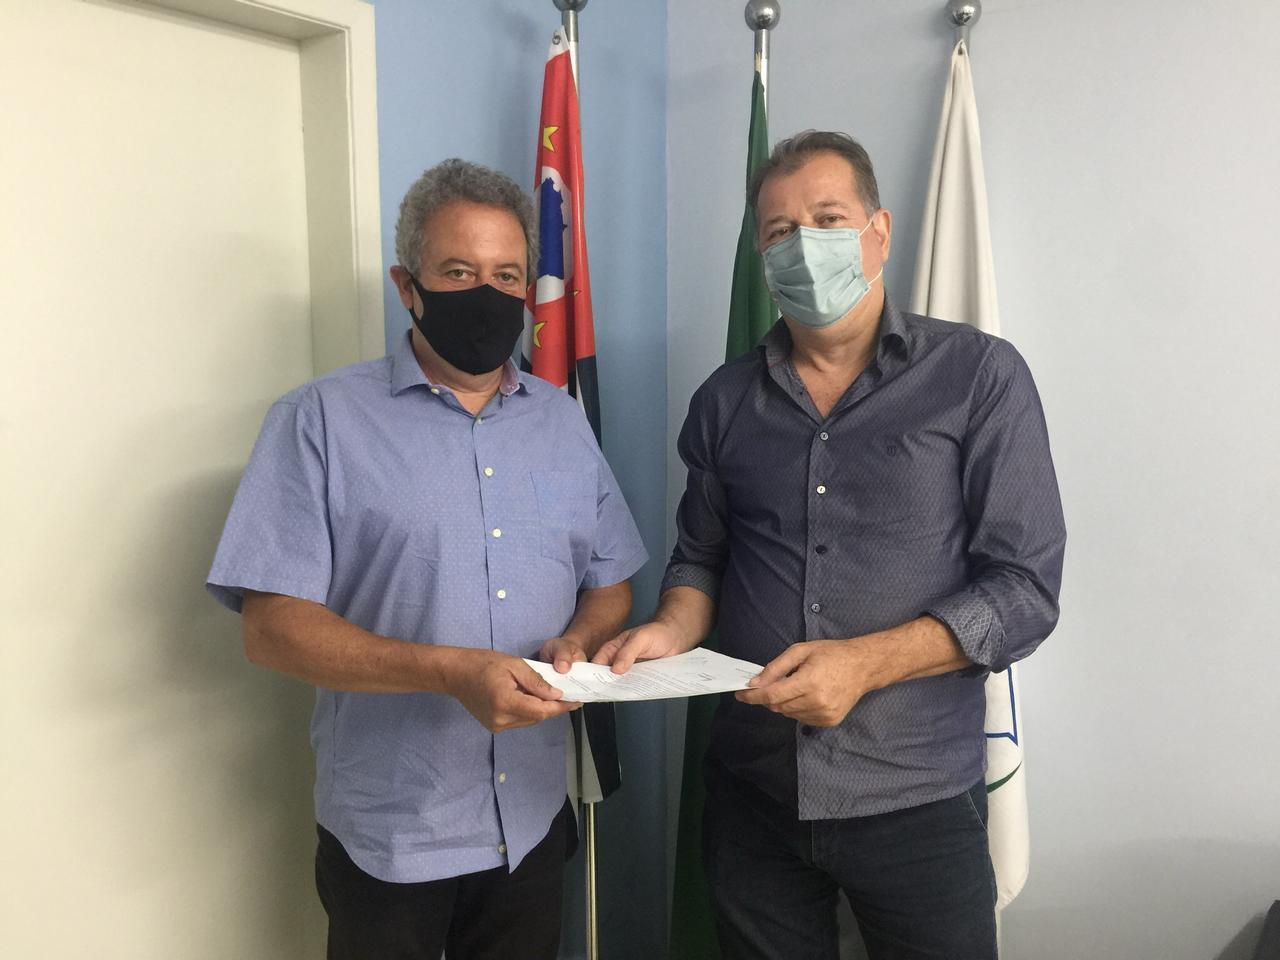 Reunião na Funasa busca recursos para obras de saneamento